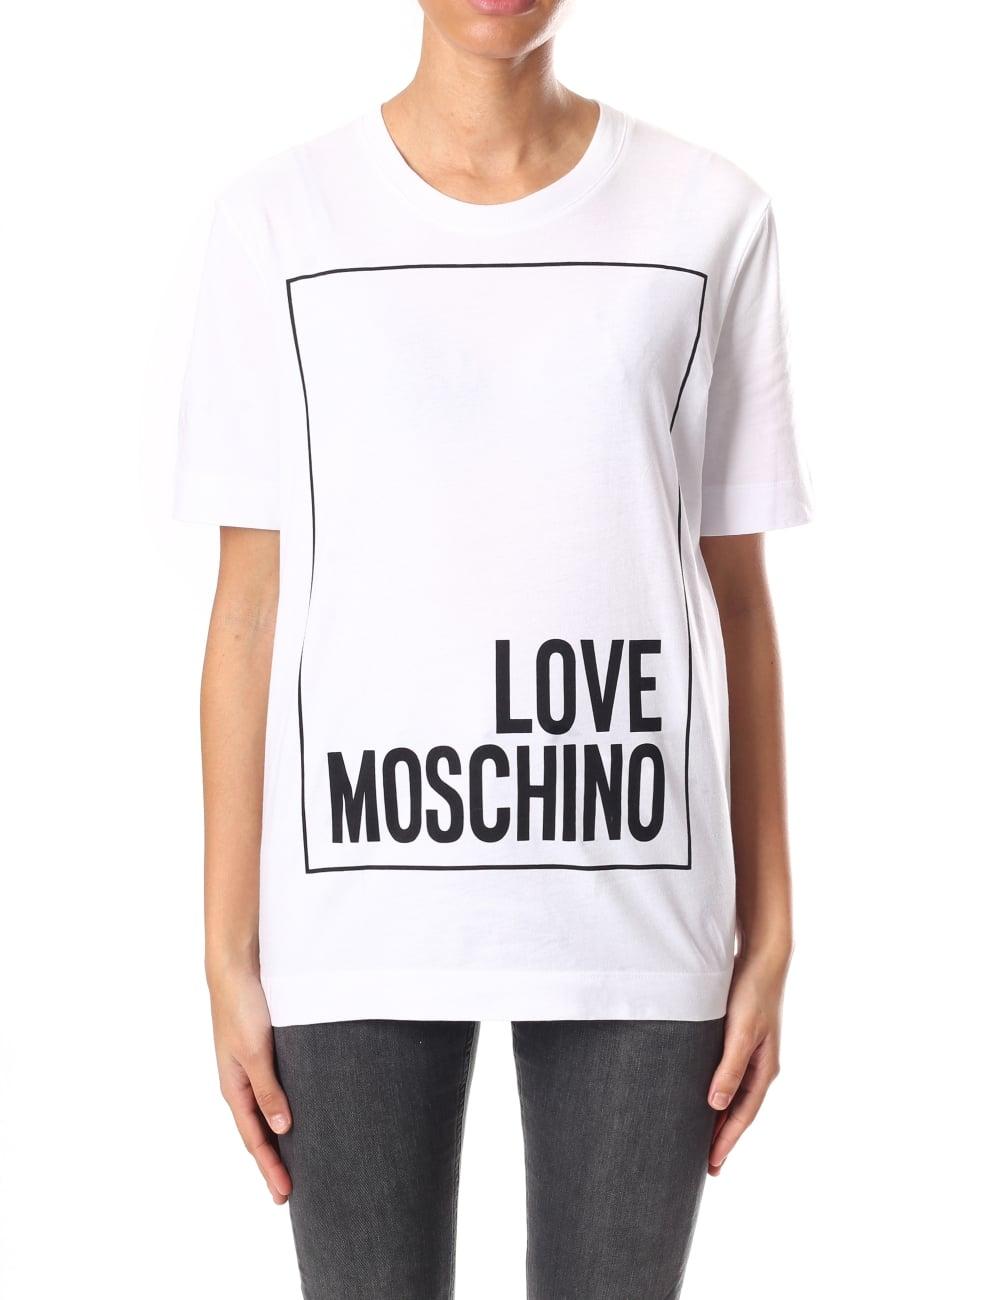 60adb6778c239 Love Moschino Classic Square Logo Women's Tee